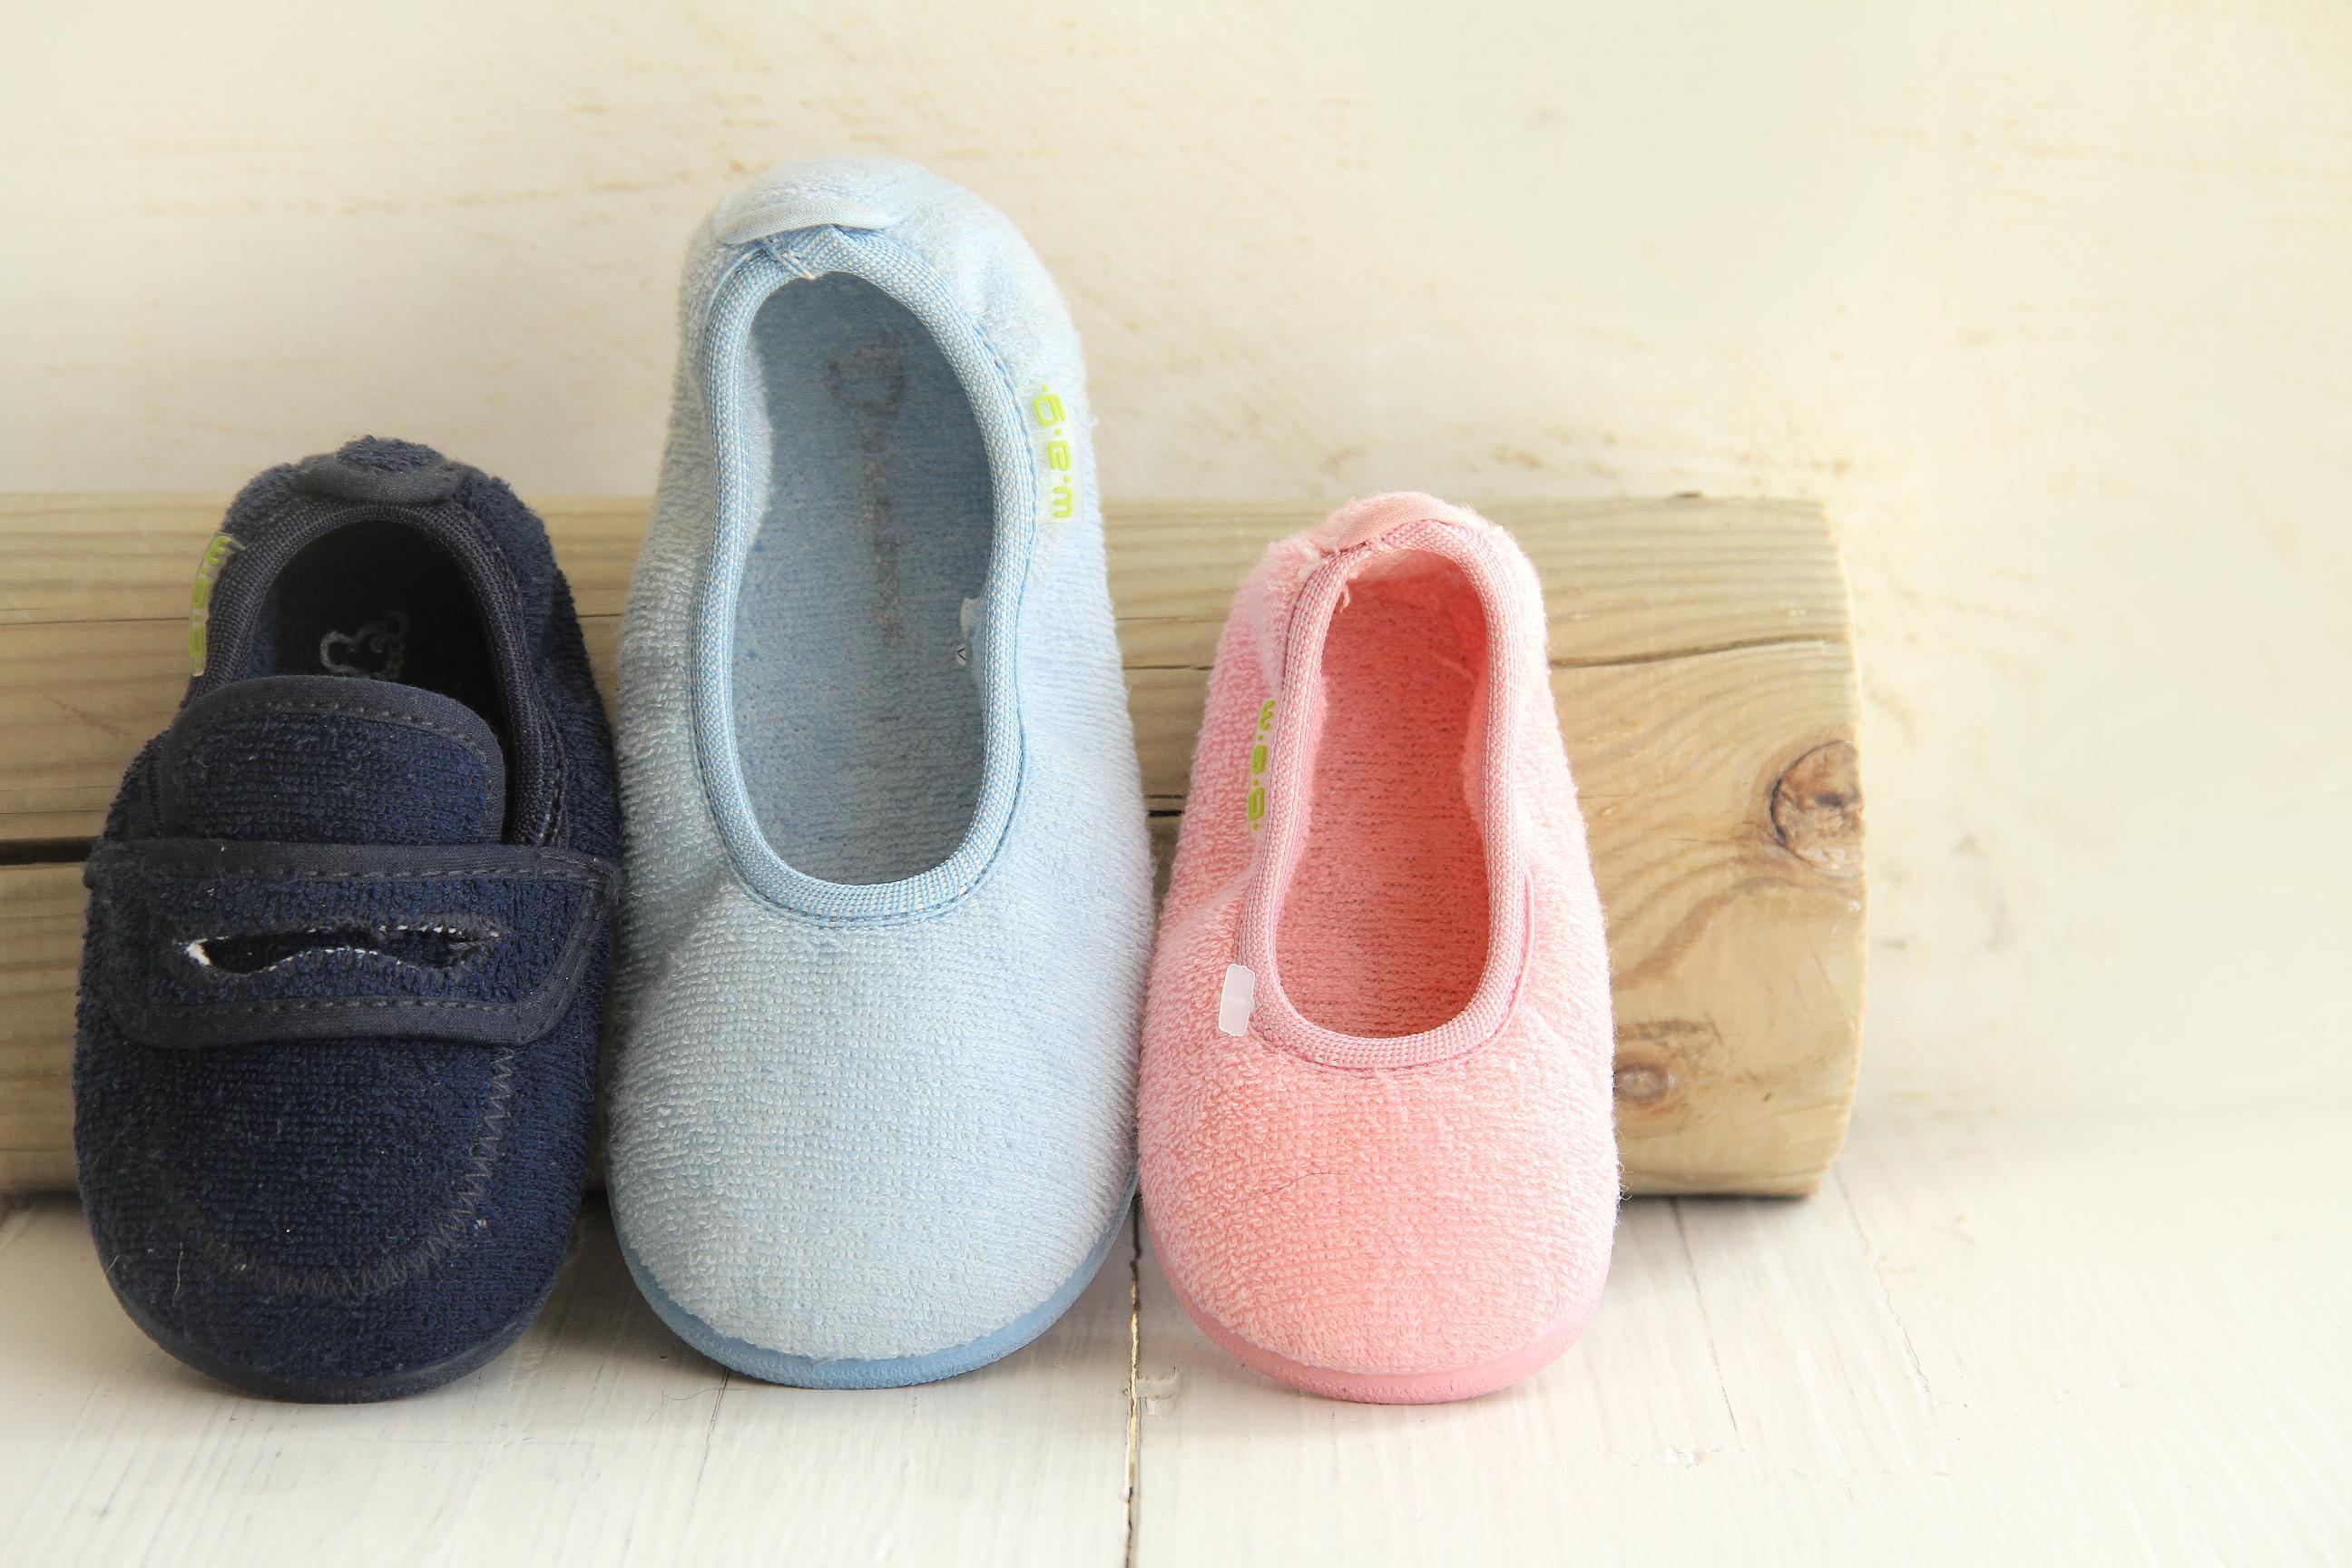 dd3d2f26915 Hace ahora un año nacía un innovador concepto de zapatería infantil que  tenía un objetivo muy concreto: ofrecer zapatos para niños y niñas de  calidad ...